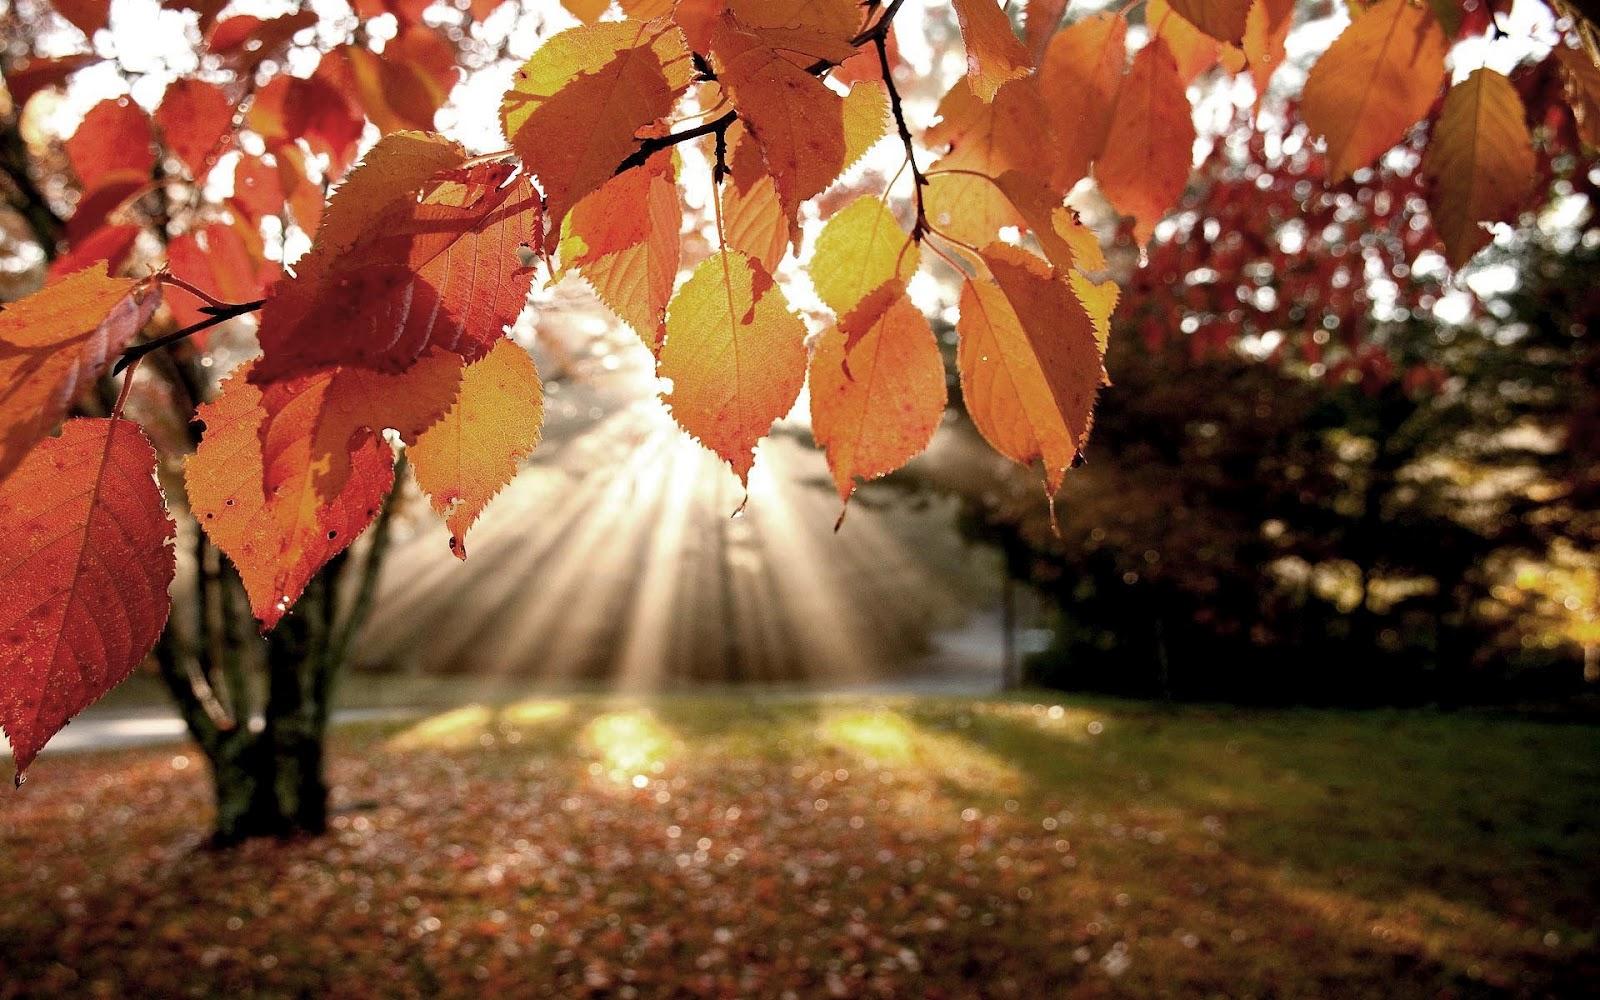 hd-mooie-herfst-achtergrond-met-herfstbladeren-en-een-opkomende-zon-hd-herfst-wallpaper-foto